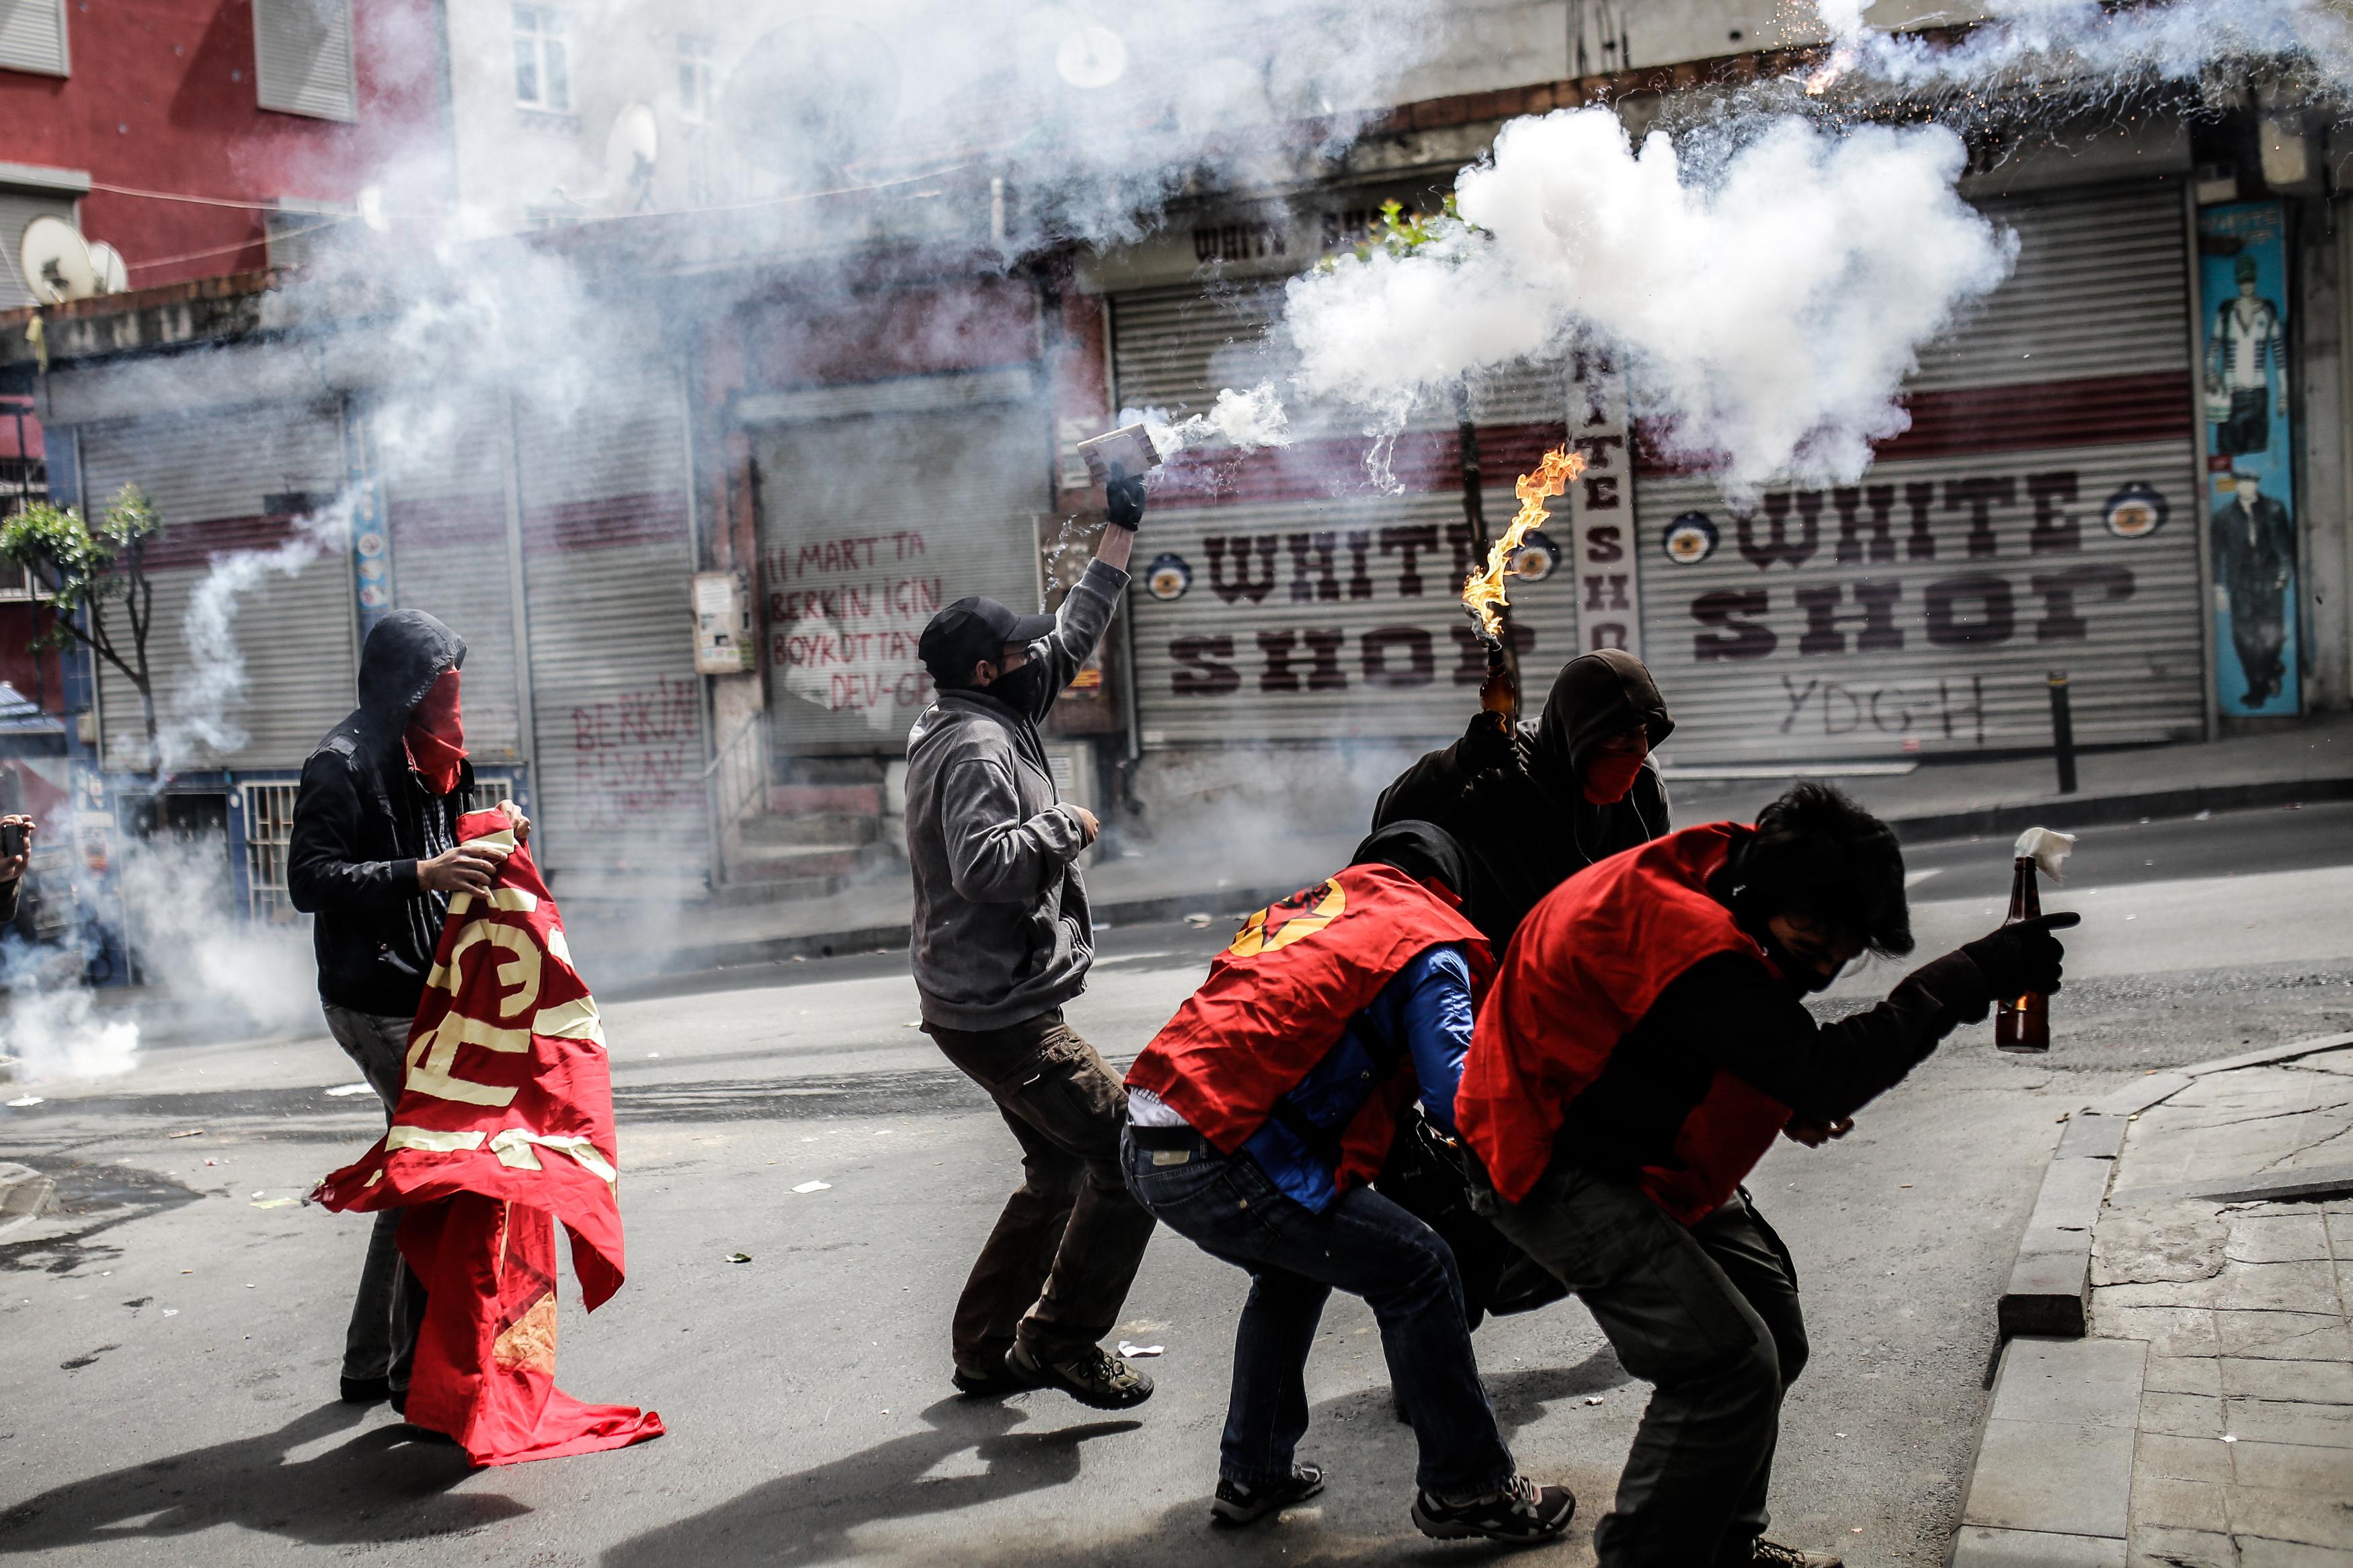 متظاهرون في اسطنبول يحملون قنابل حارقة